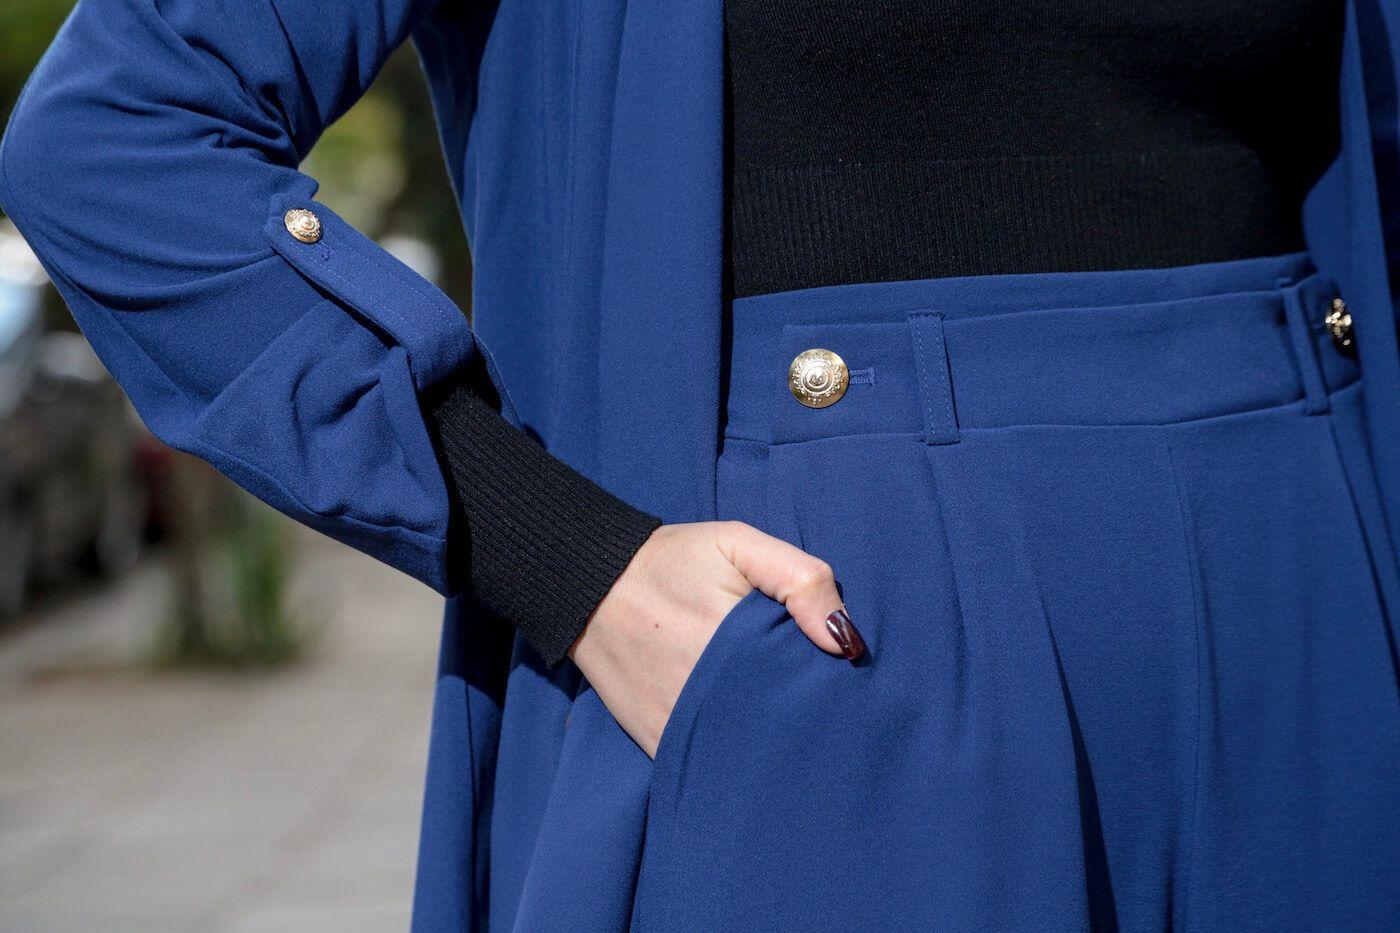 Blazer Feminino Alongado com Botões Manga 3/4 Alfaiataria Azul Marinho